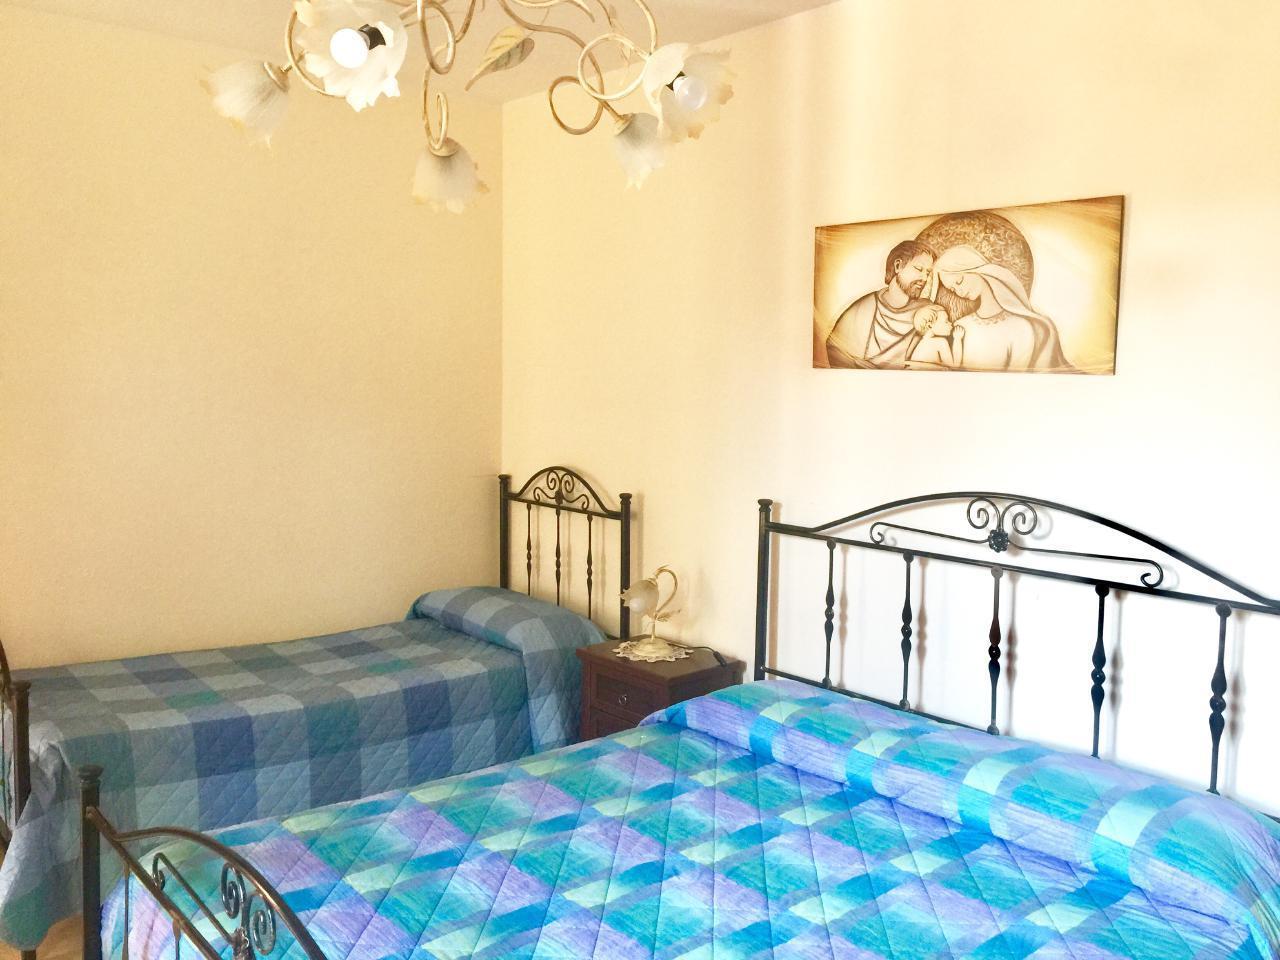 Appartement de vacances Etna Royal View -  Zwei-Zimmer-Wohnung mit Blick auf den Garten (2182582), Trecastagni, Catania, Sicile, Italie, image 21